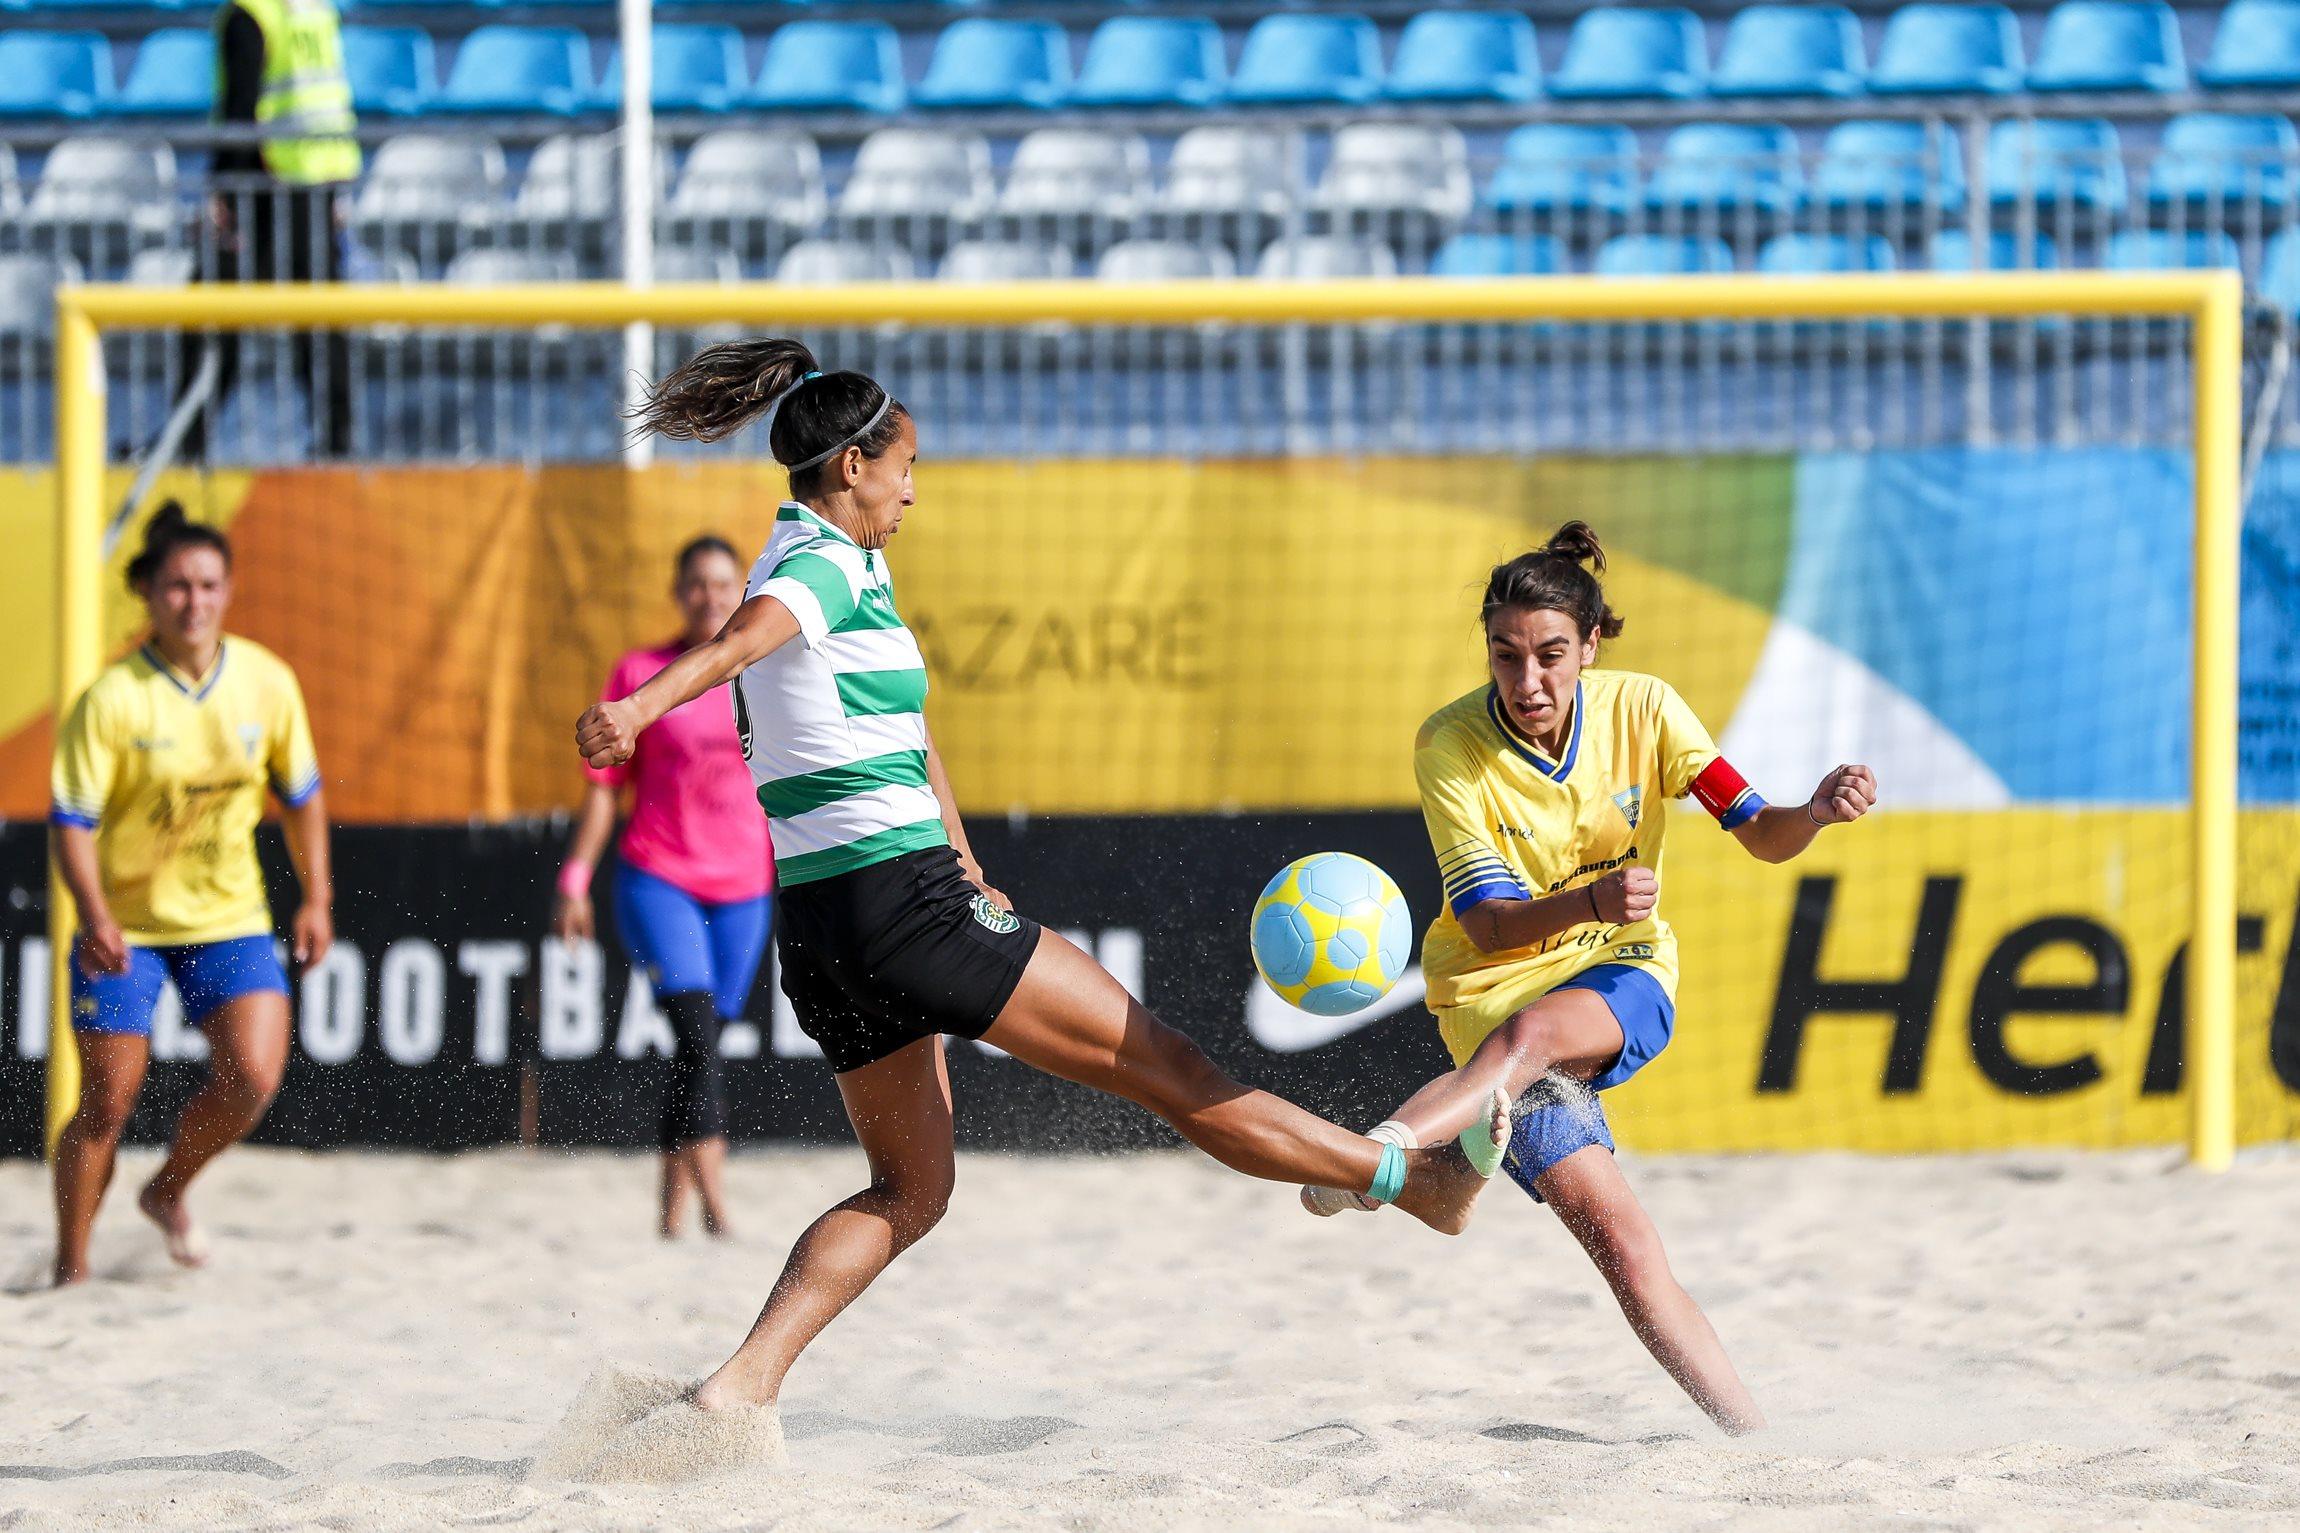 Madjer e Mário Narciso vão marcar presença no Encontro Regional de Futebol de Praia feminino